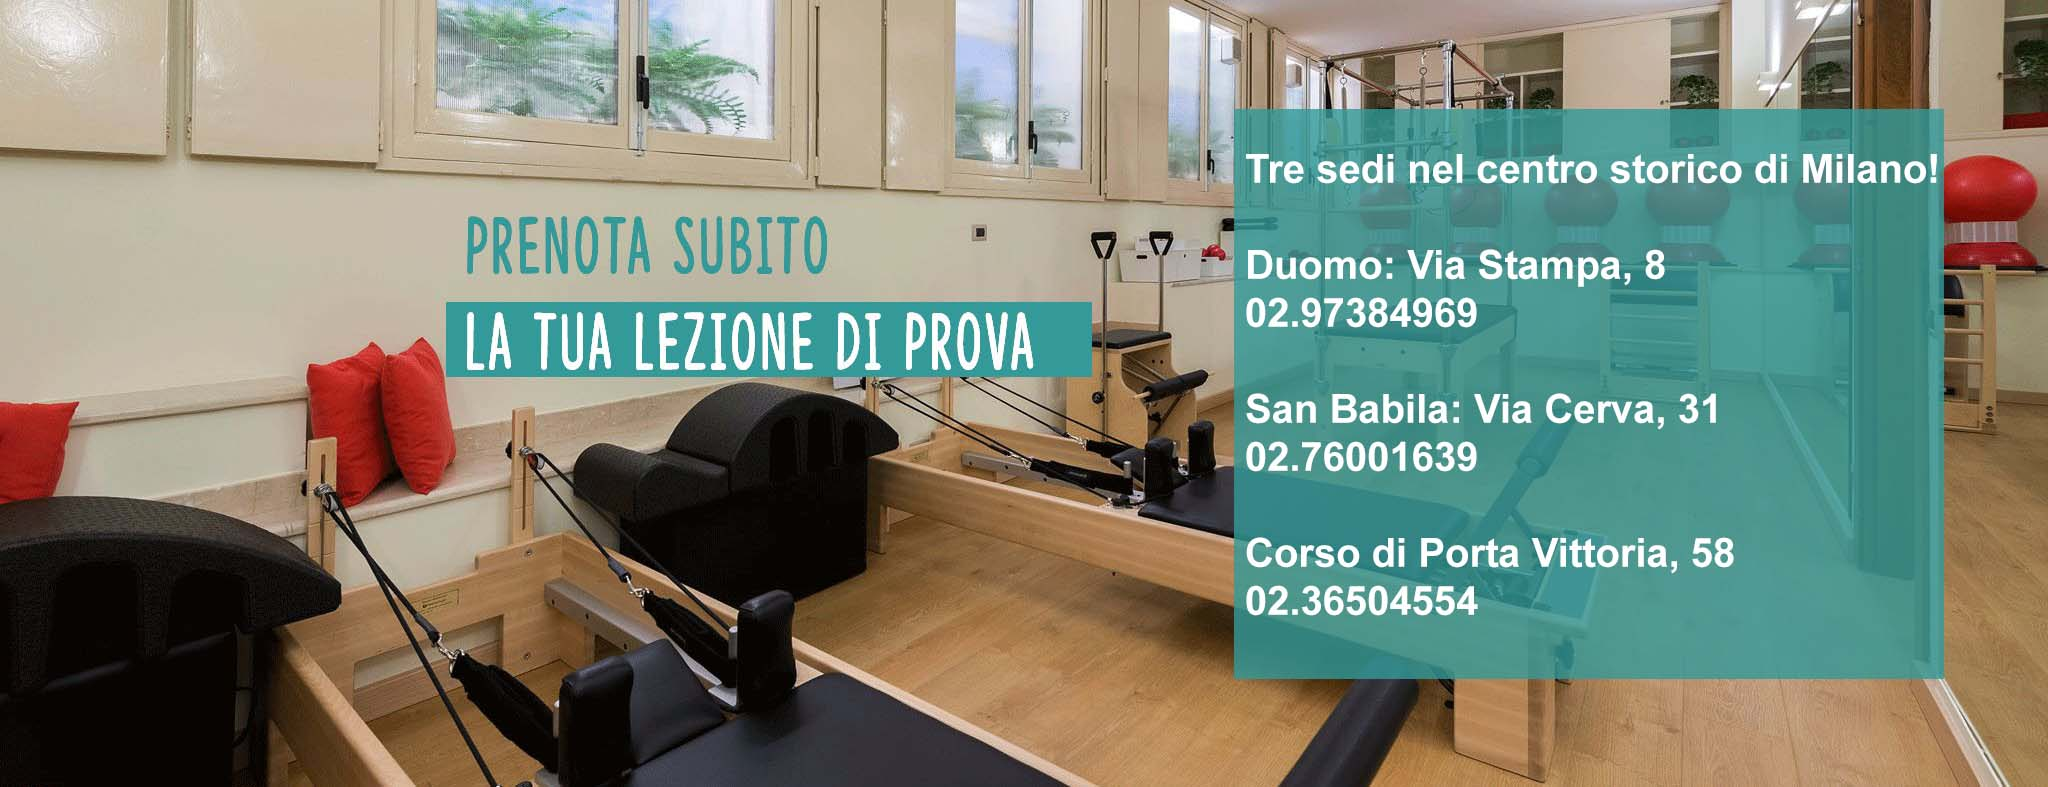 Studio Pilates Milano - Prenota subito la tua lezione di prova